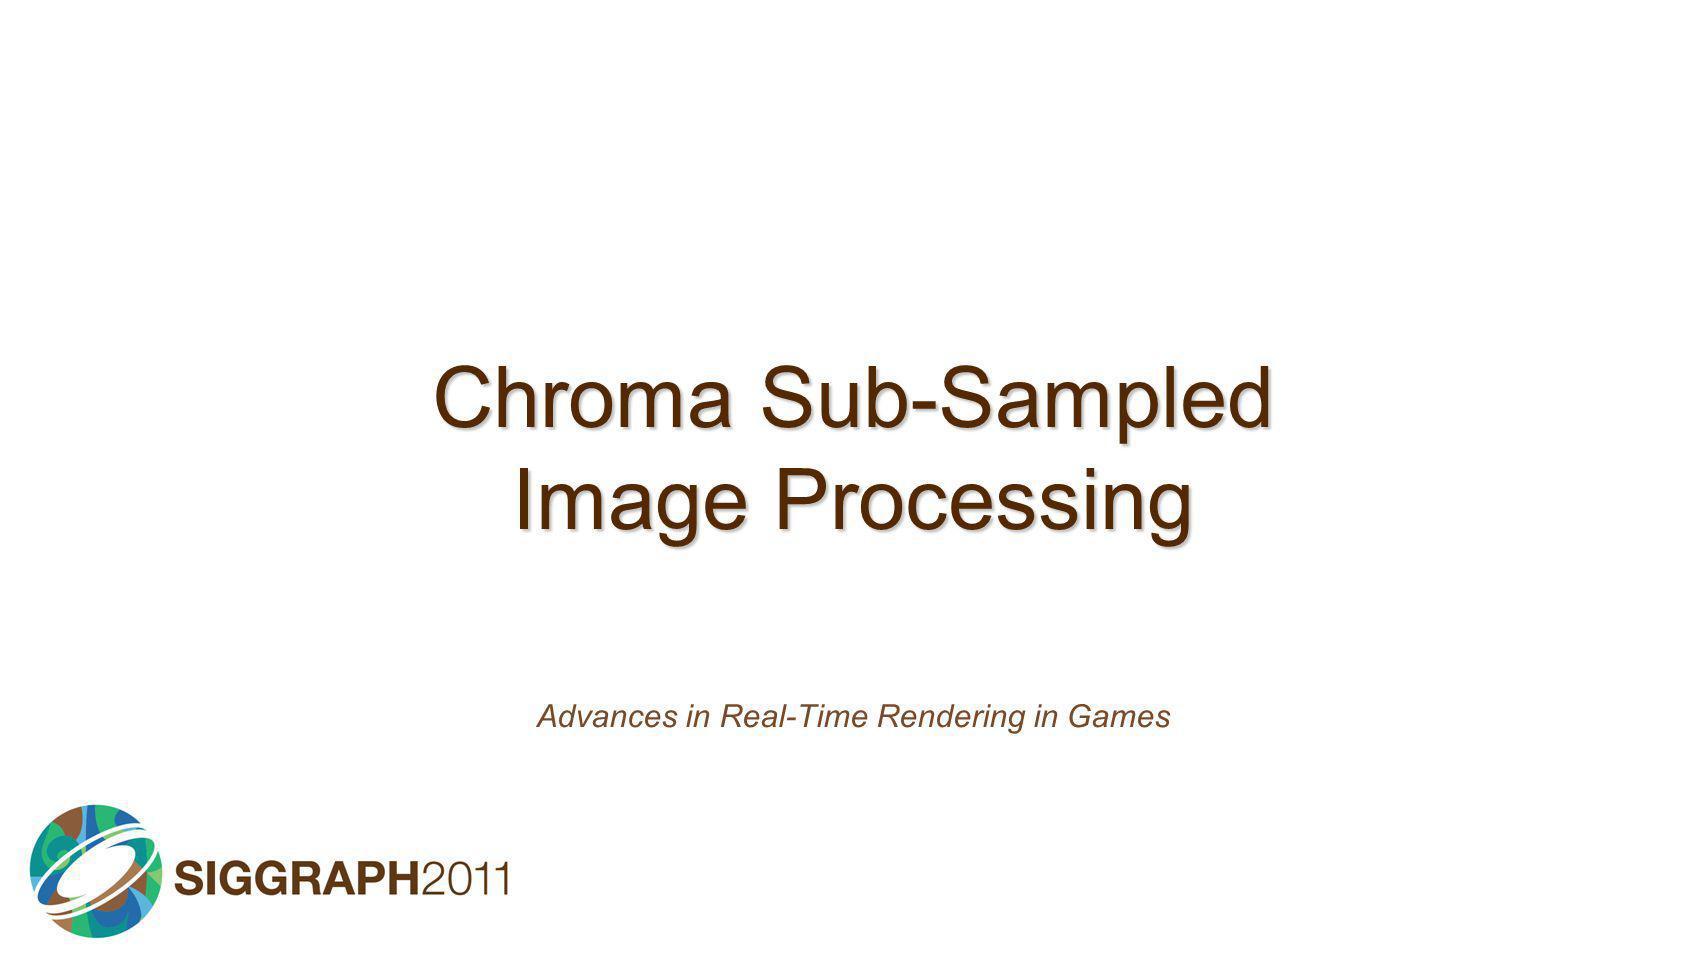 Chroma Sub-Sampled Image Processing